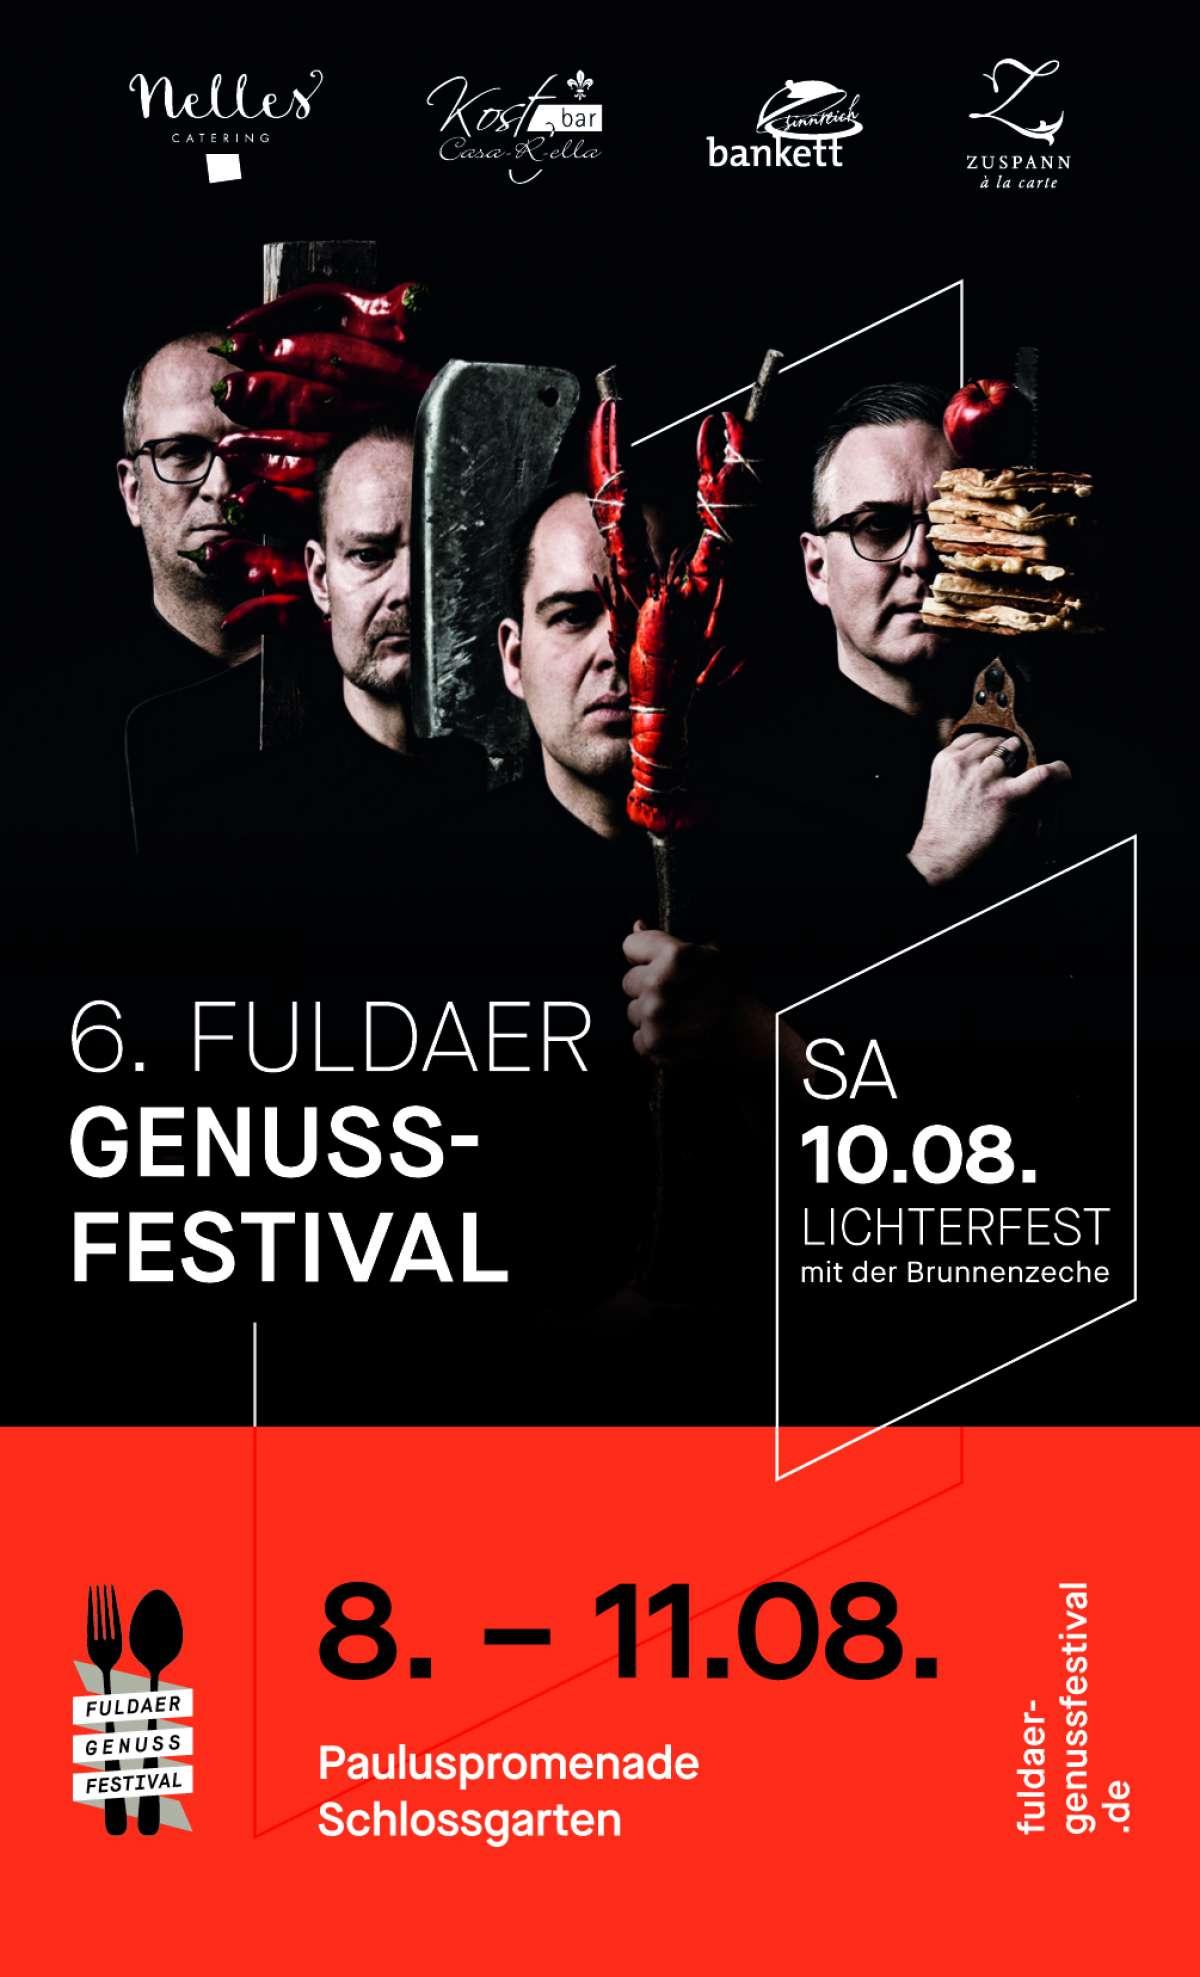 Veranstaltungen & Events am »Samstag, 10. August 2019« in deiner Nähe...